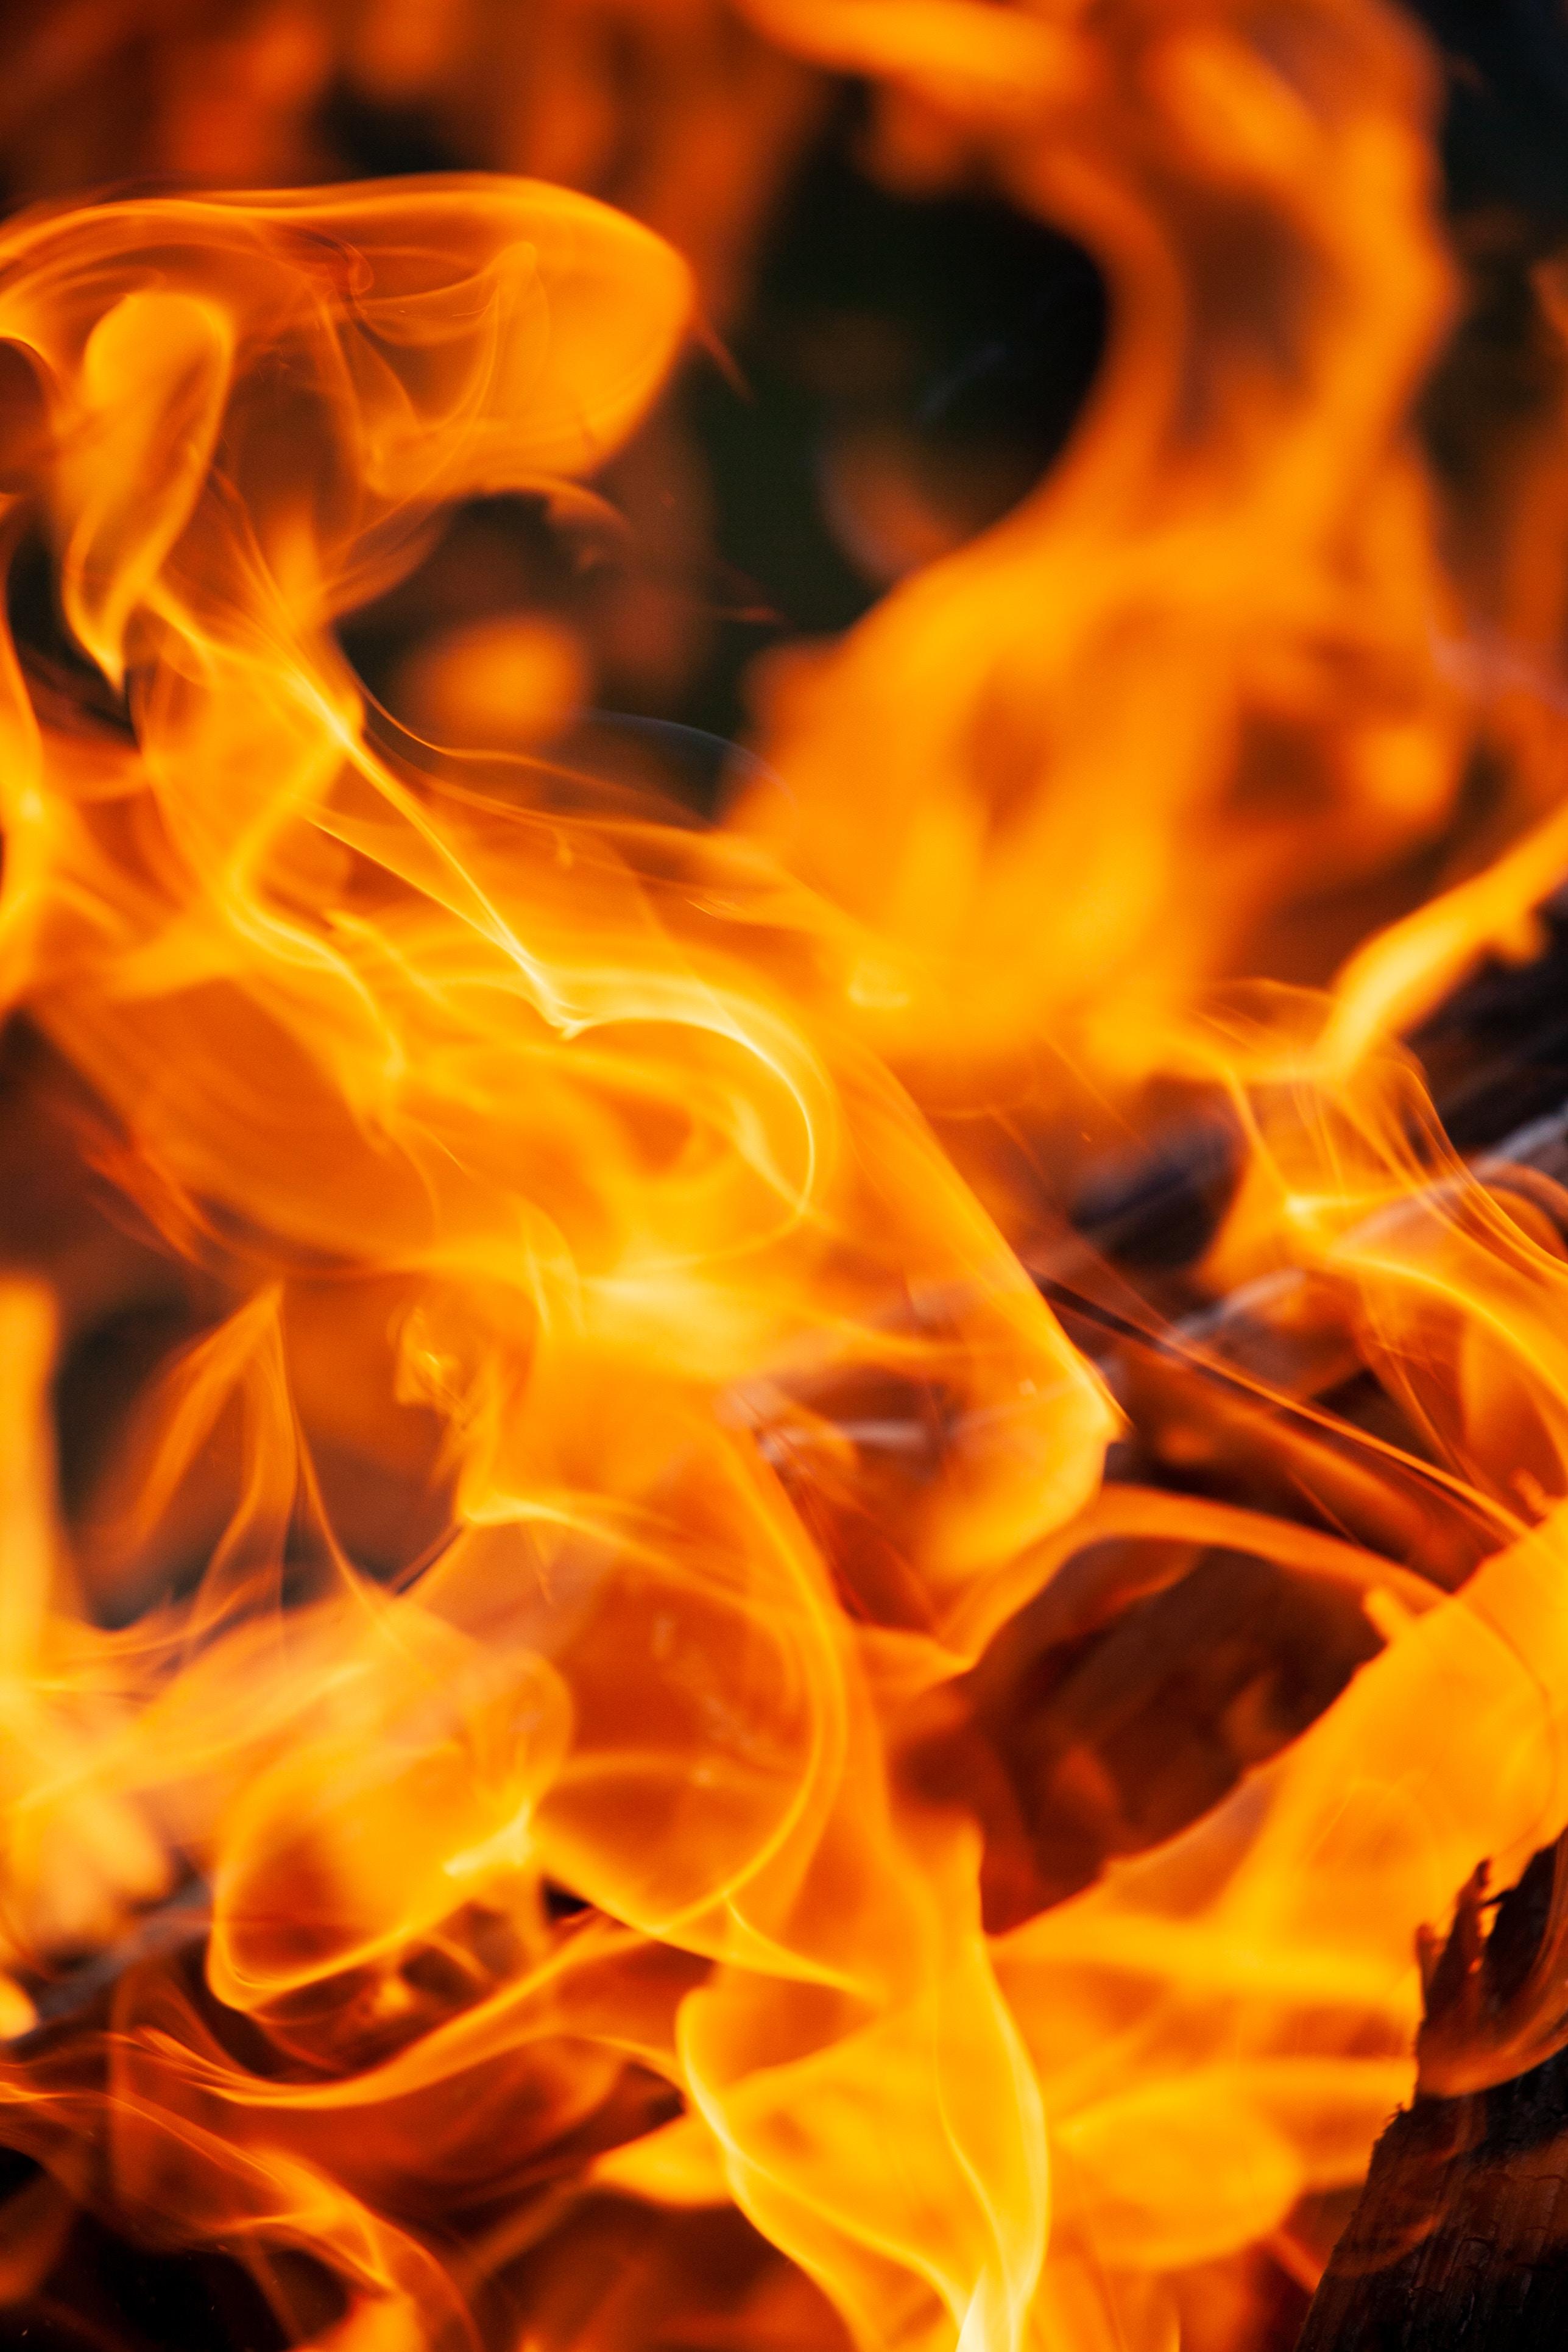 64776 免費下載壁紙 杂项, 火, 火焰, 明亮的, 明亮, 燃烧, 浅色 屏保和圖片